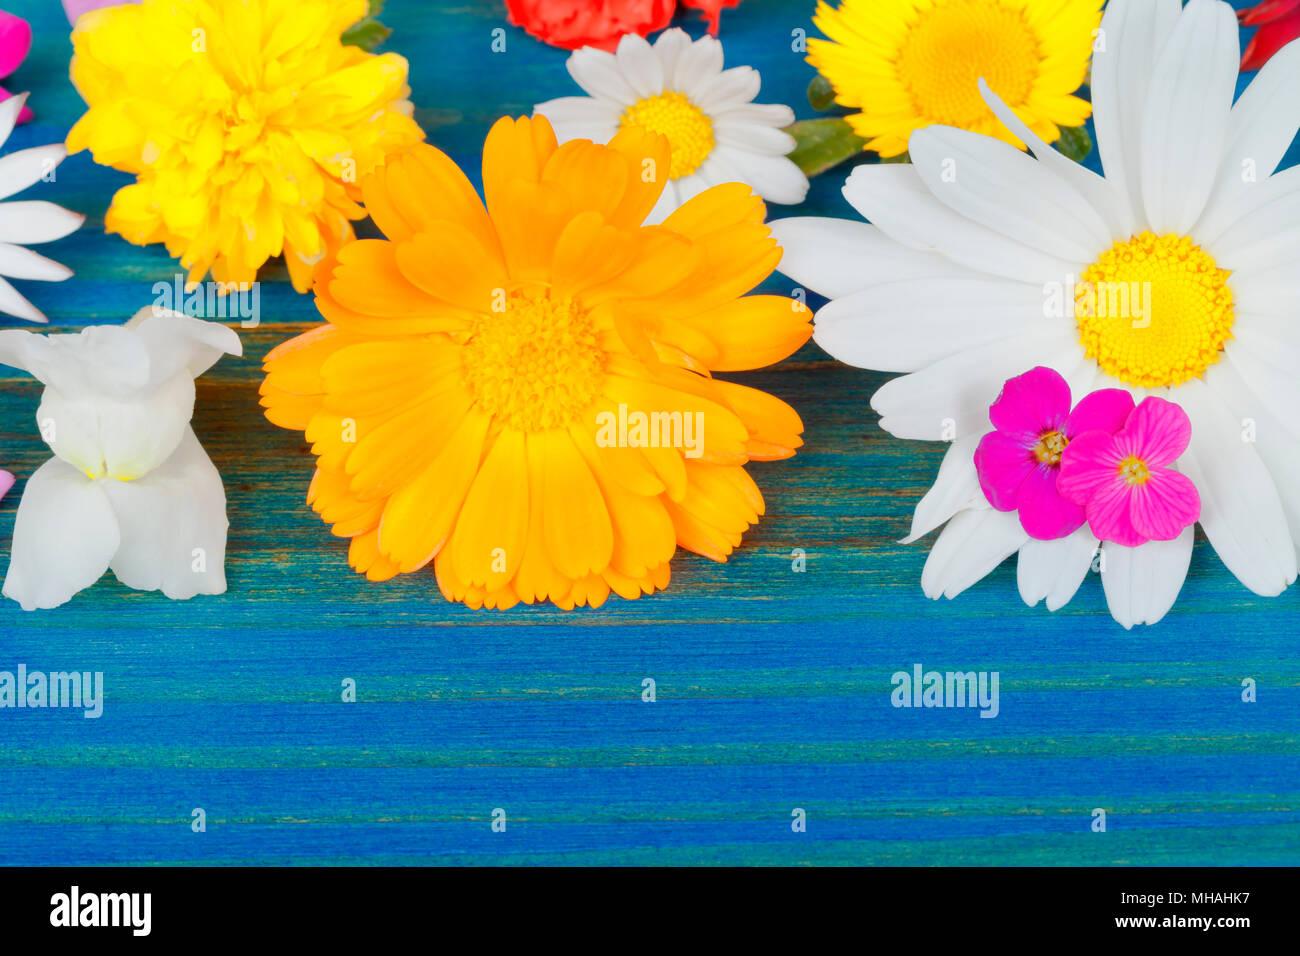 Diversi Fiori Su Sfondo Blu Foto Immagine Stock 182786219 Alamy